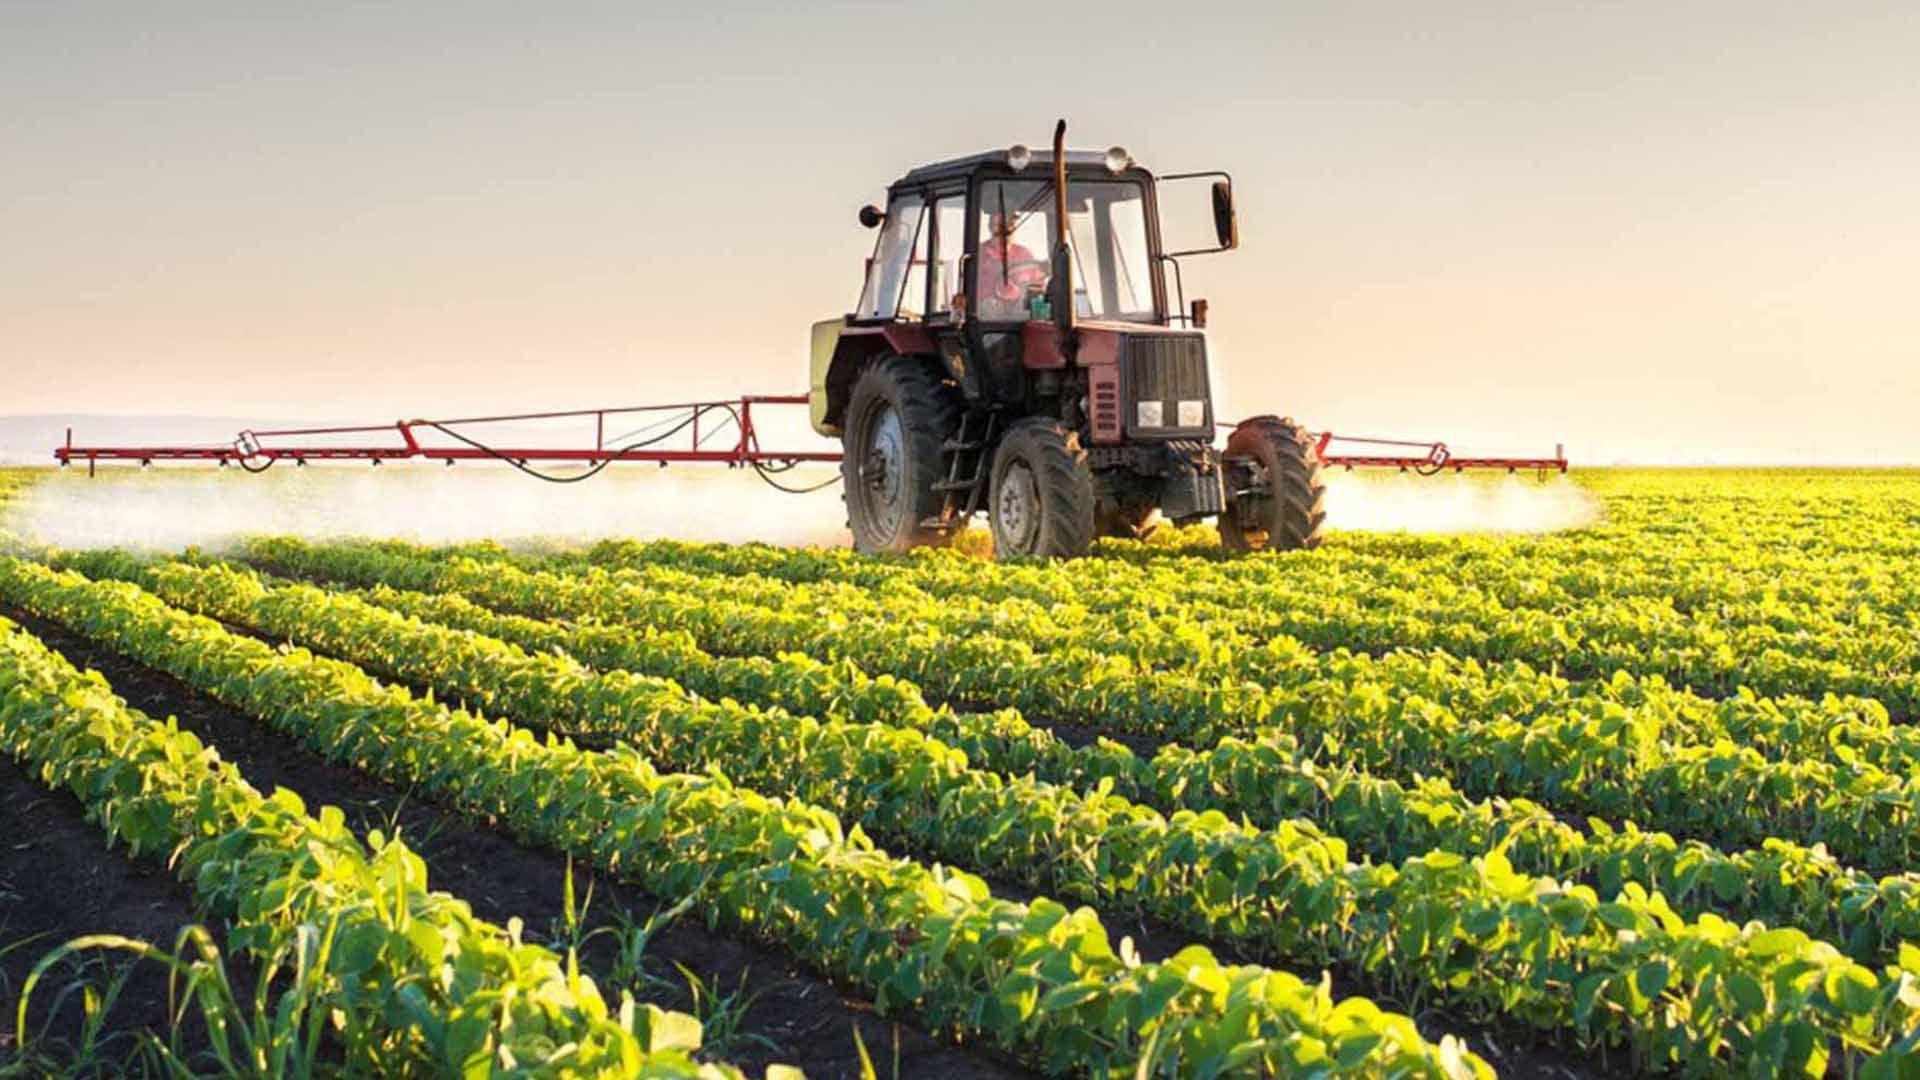 Productores de Salta reclamaron al gobierno medidas para mejorar su competitividad. Alertaron sobre la alta presión impositiva y se mostraron preocupados por la pérdida de atribuciones de la Secretaría de Gobierno de Agroindustria